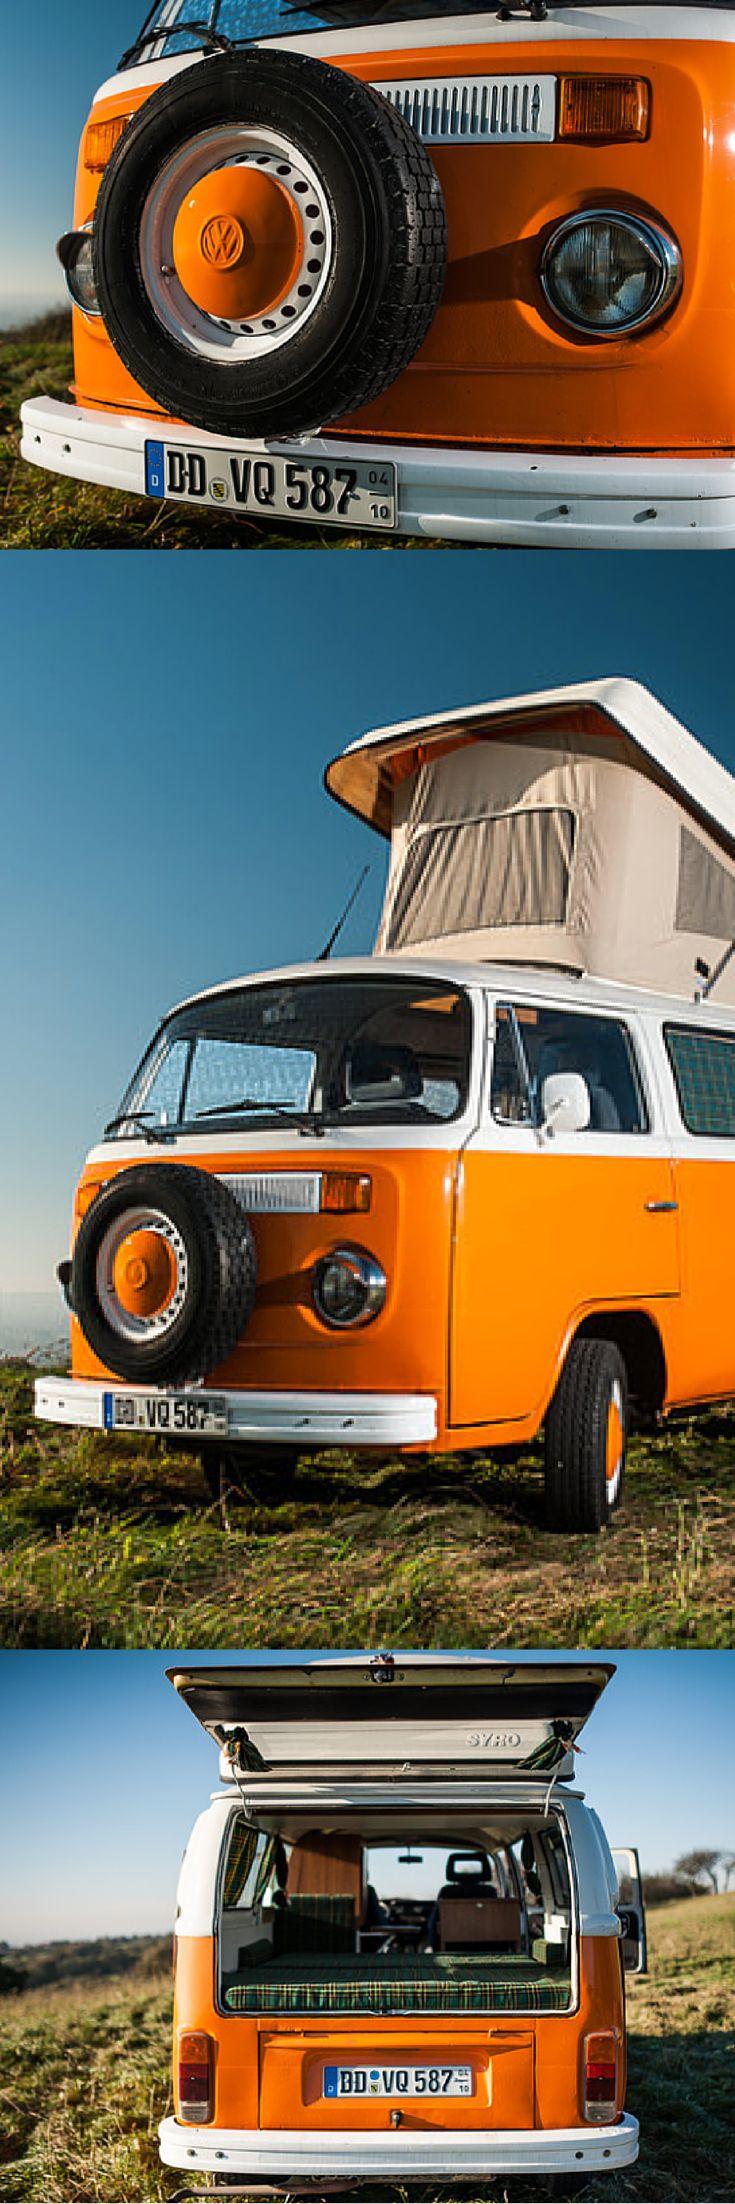 Nostalgischer Wohnmobilurlaub mit dem klassischen Volkswagen T2 #vw #vwbus #vwbulli #camper #camping #travel #wohnmobil #t2